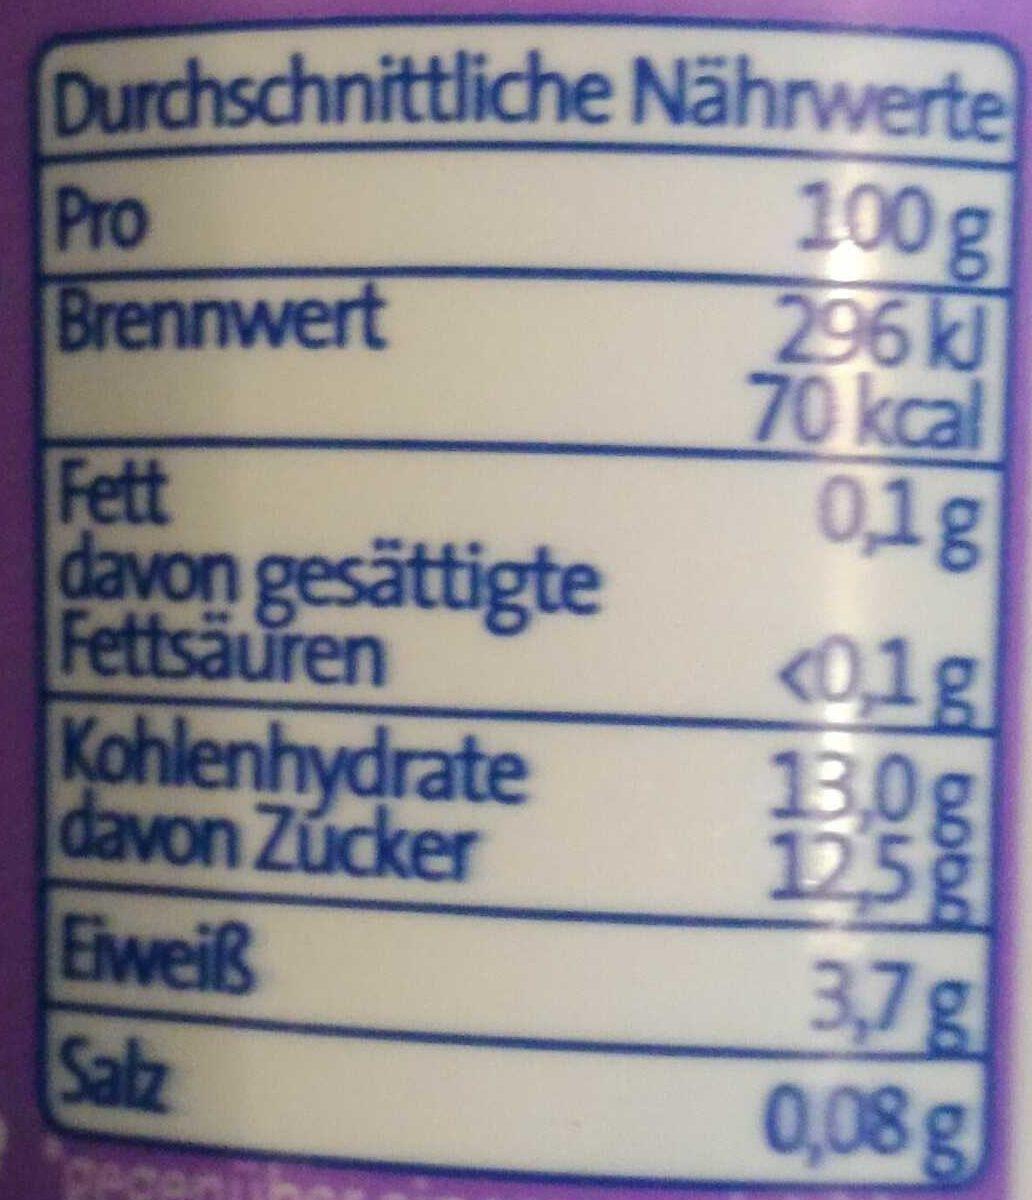 Der Grosse Bauer Birchermüsli - Voedingswaarden - de